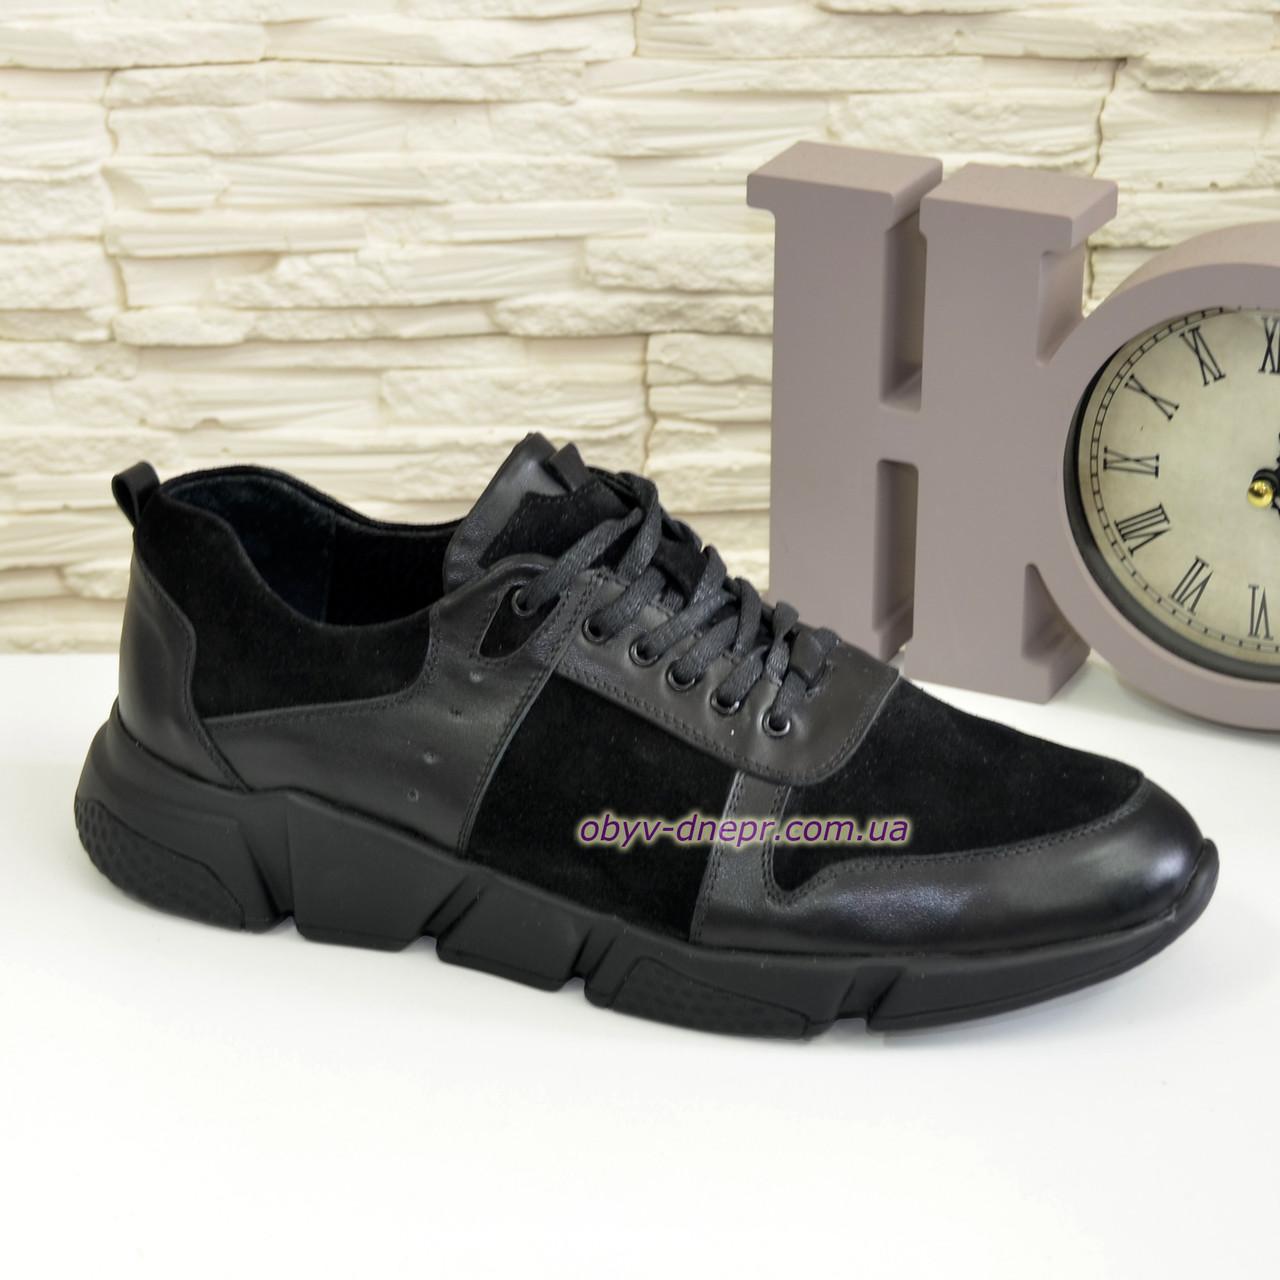 кроссовки мужские из черной замши купить